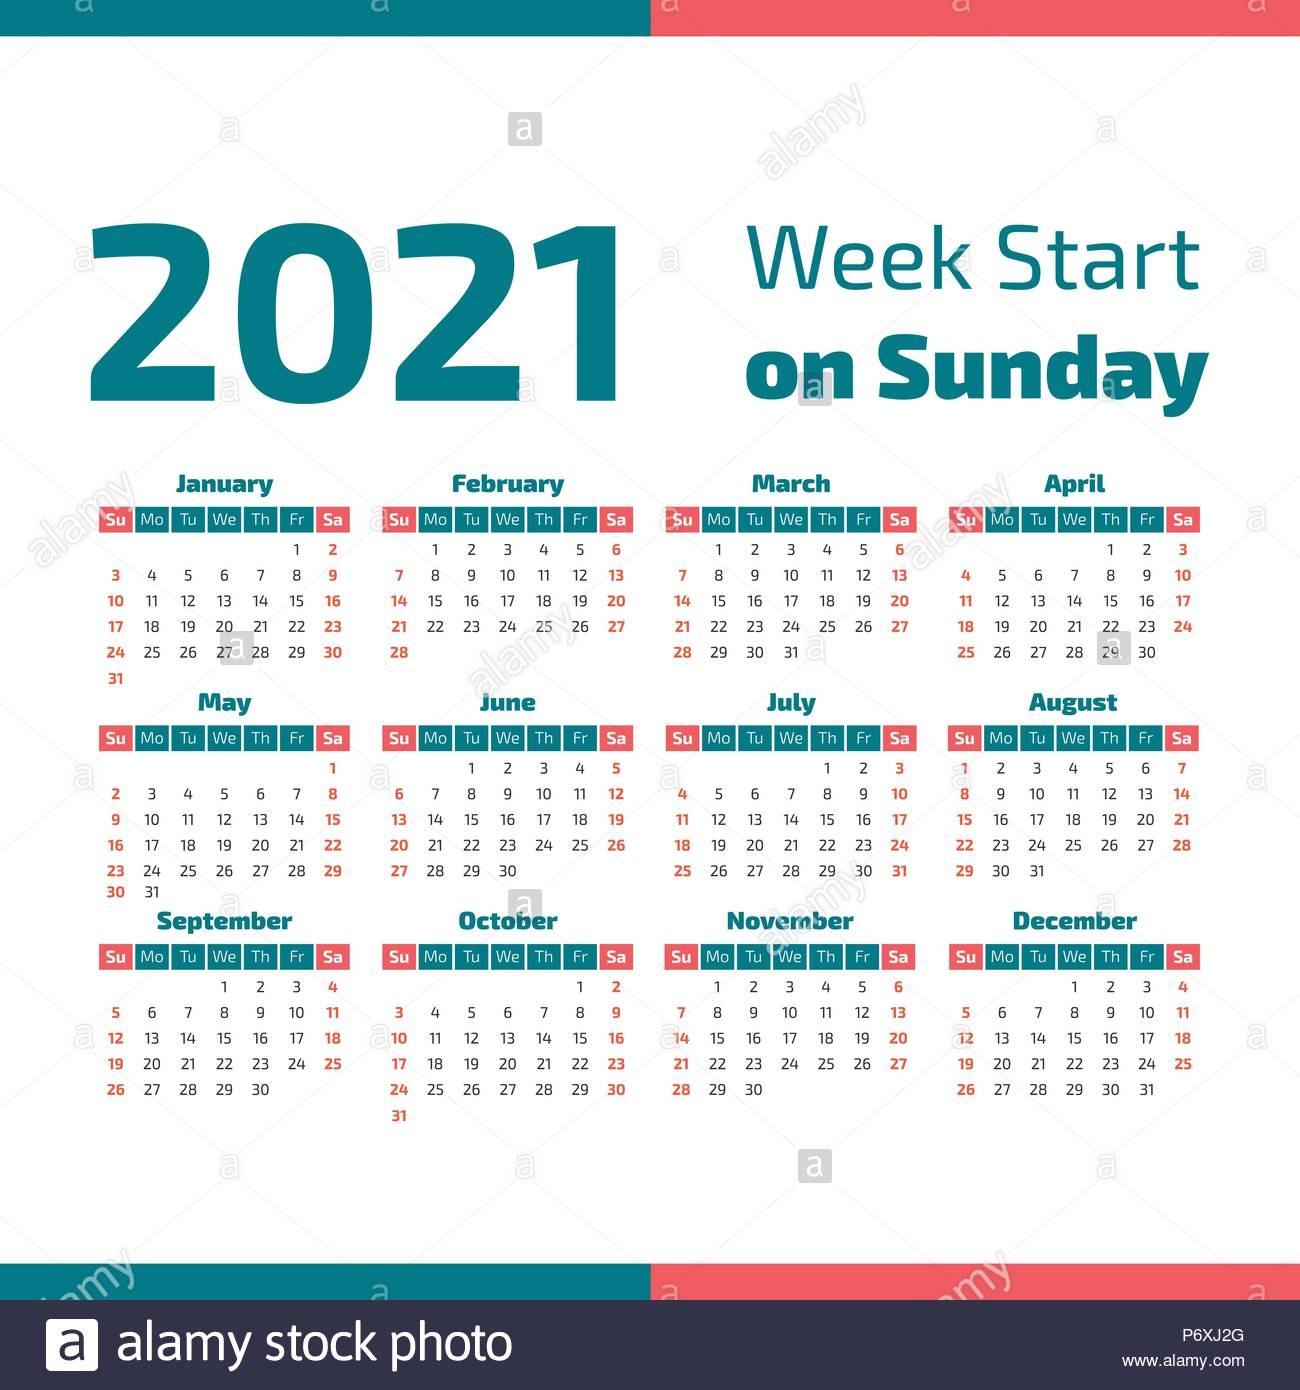 simple calendario del ano 2021 la semana ienza en domingo image